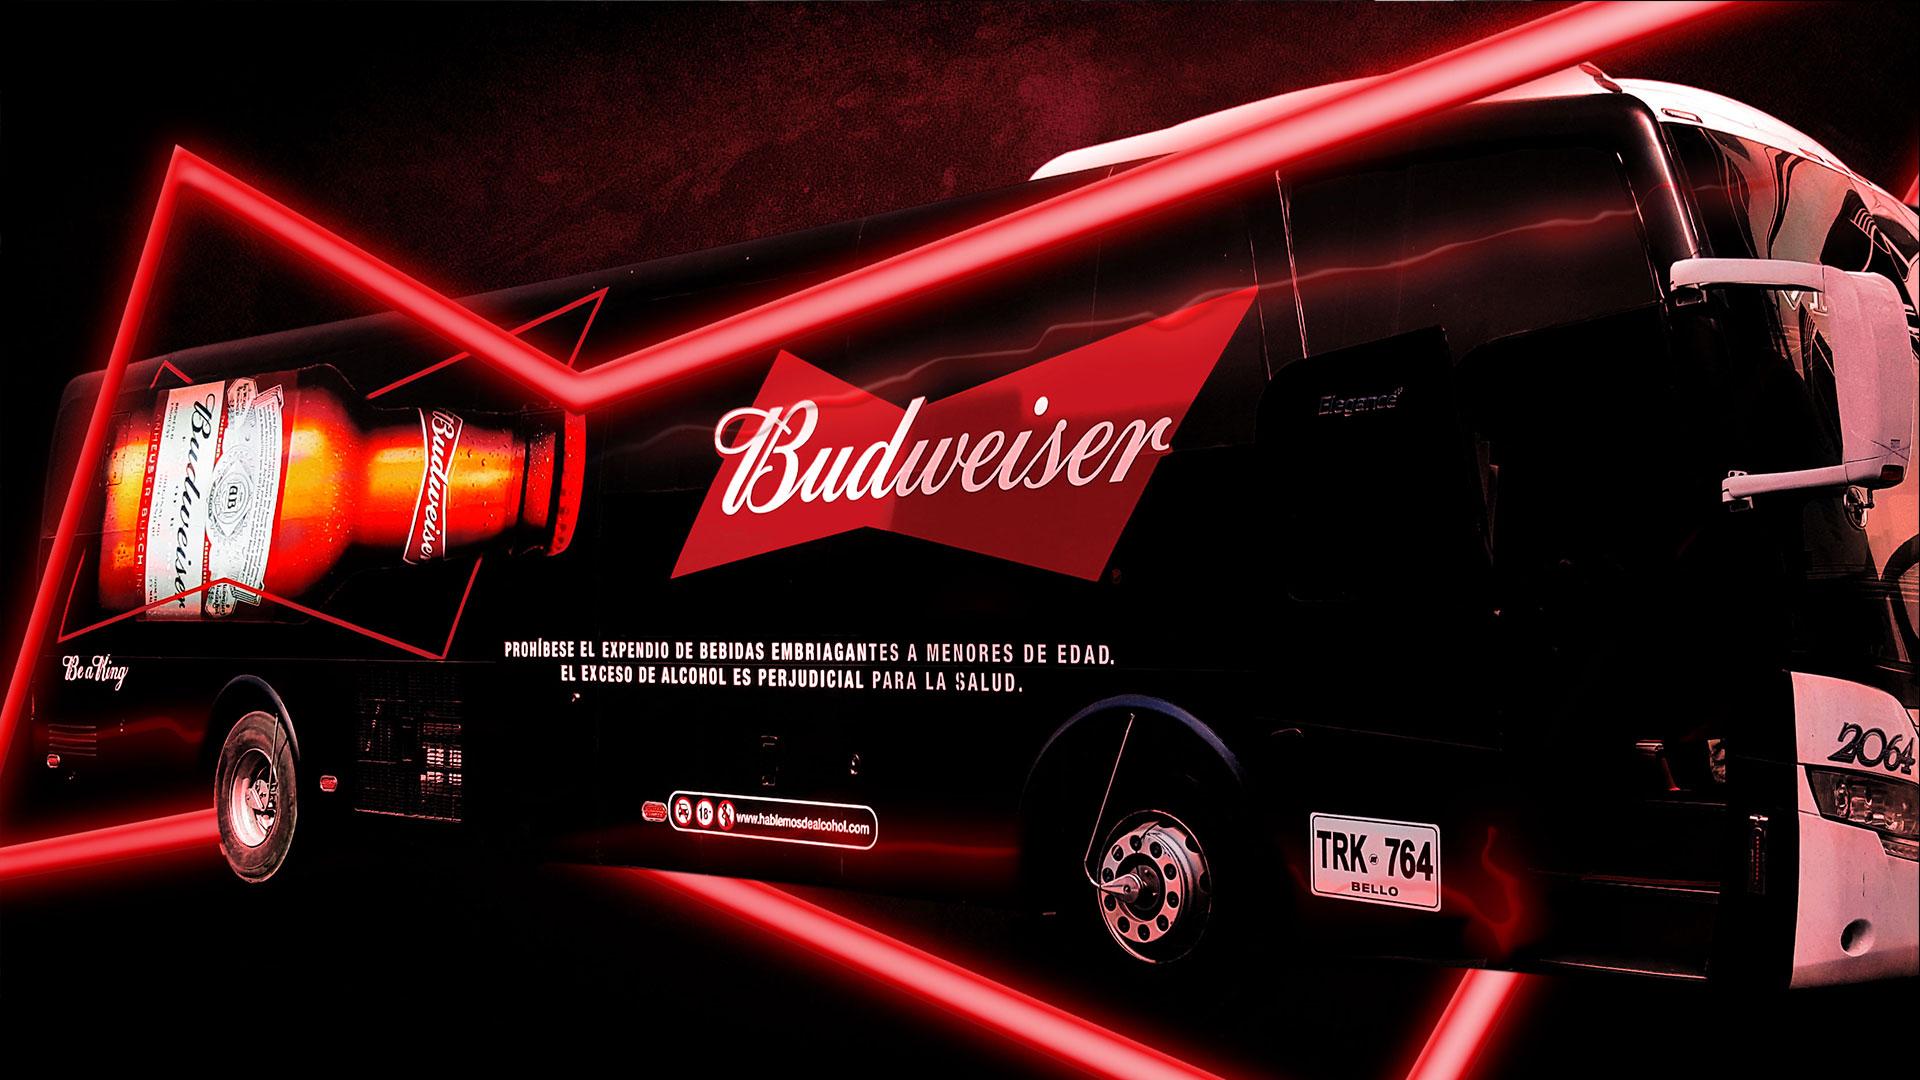 Budweiser 27 - 360 Grados